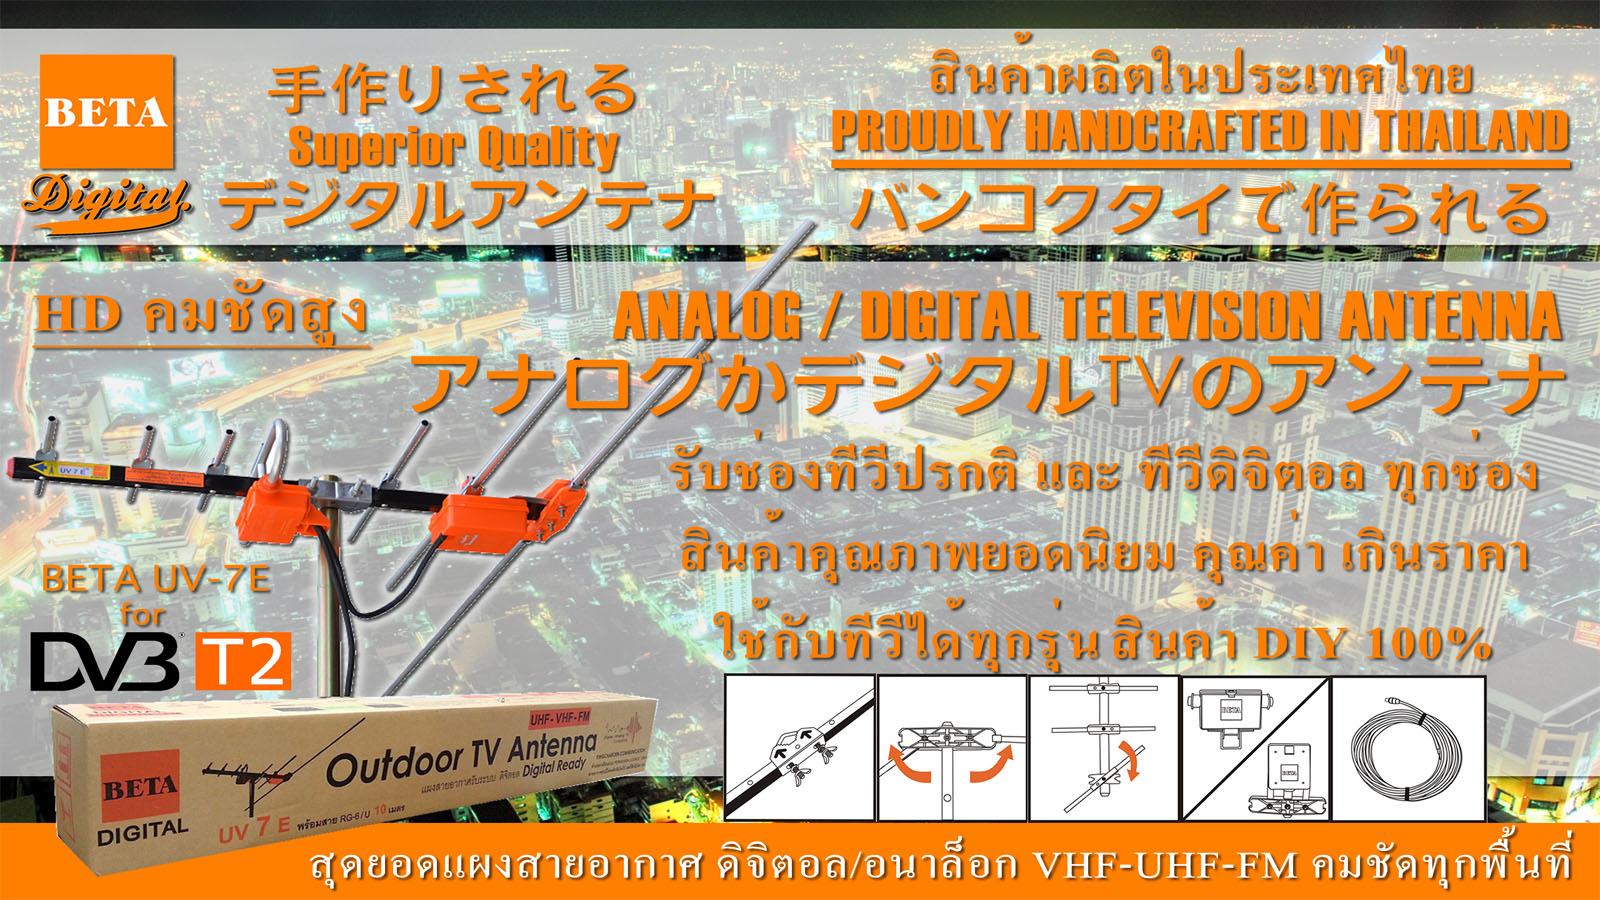 uv7e_banner.jpg